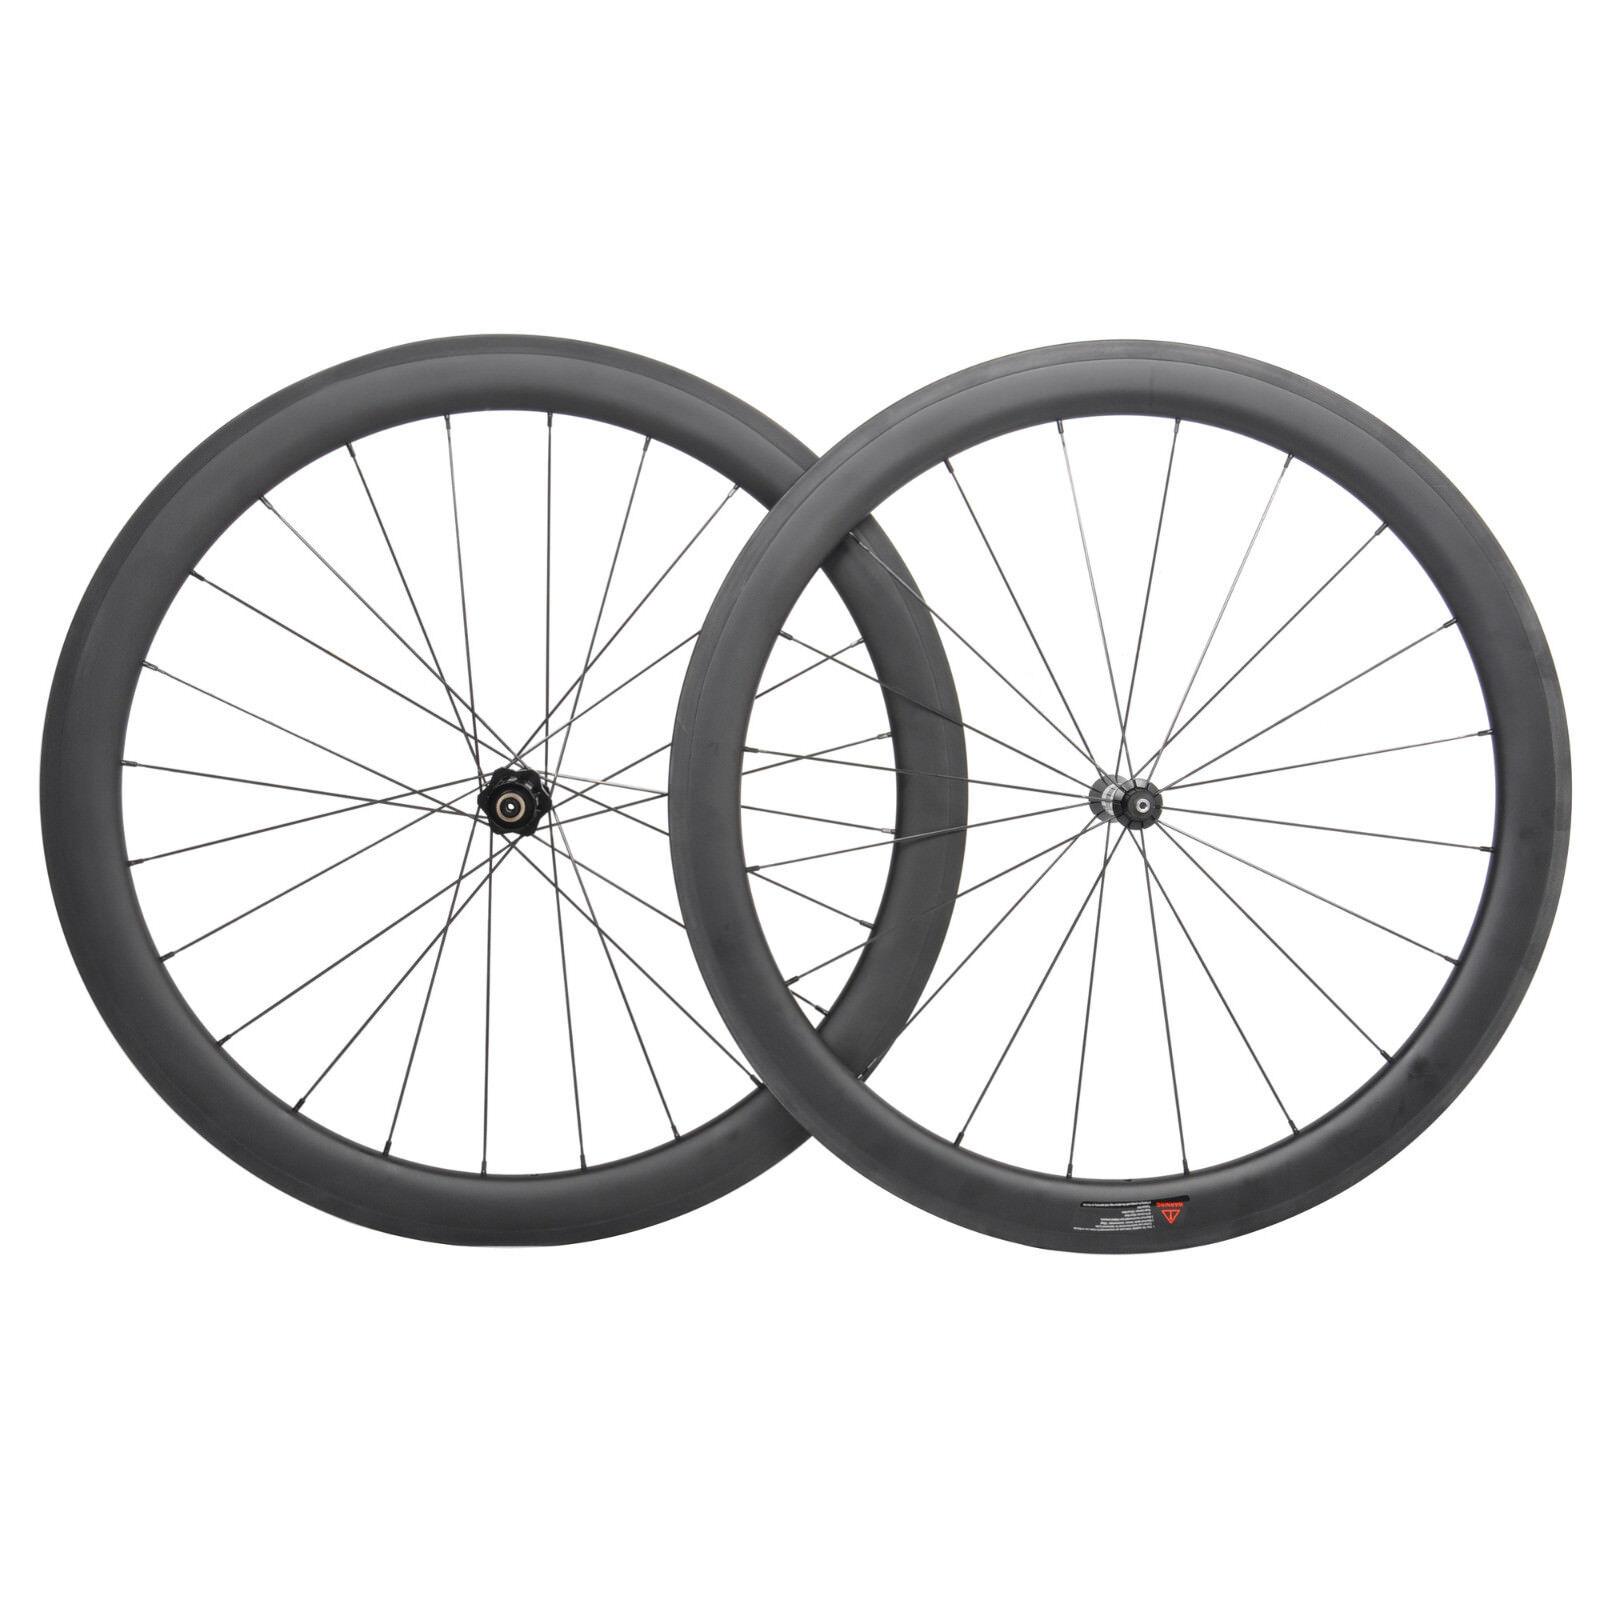 DT350s 50mm Sapim Carbon Wheel  Clincher Tubeless Road Bike 700C UD Matt Rim Race  outlet online store